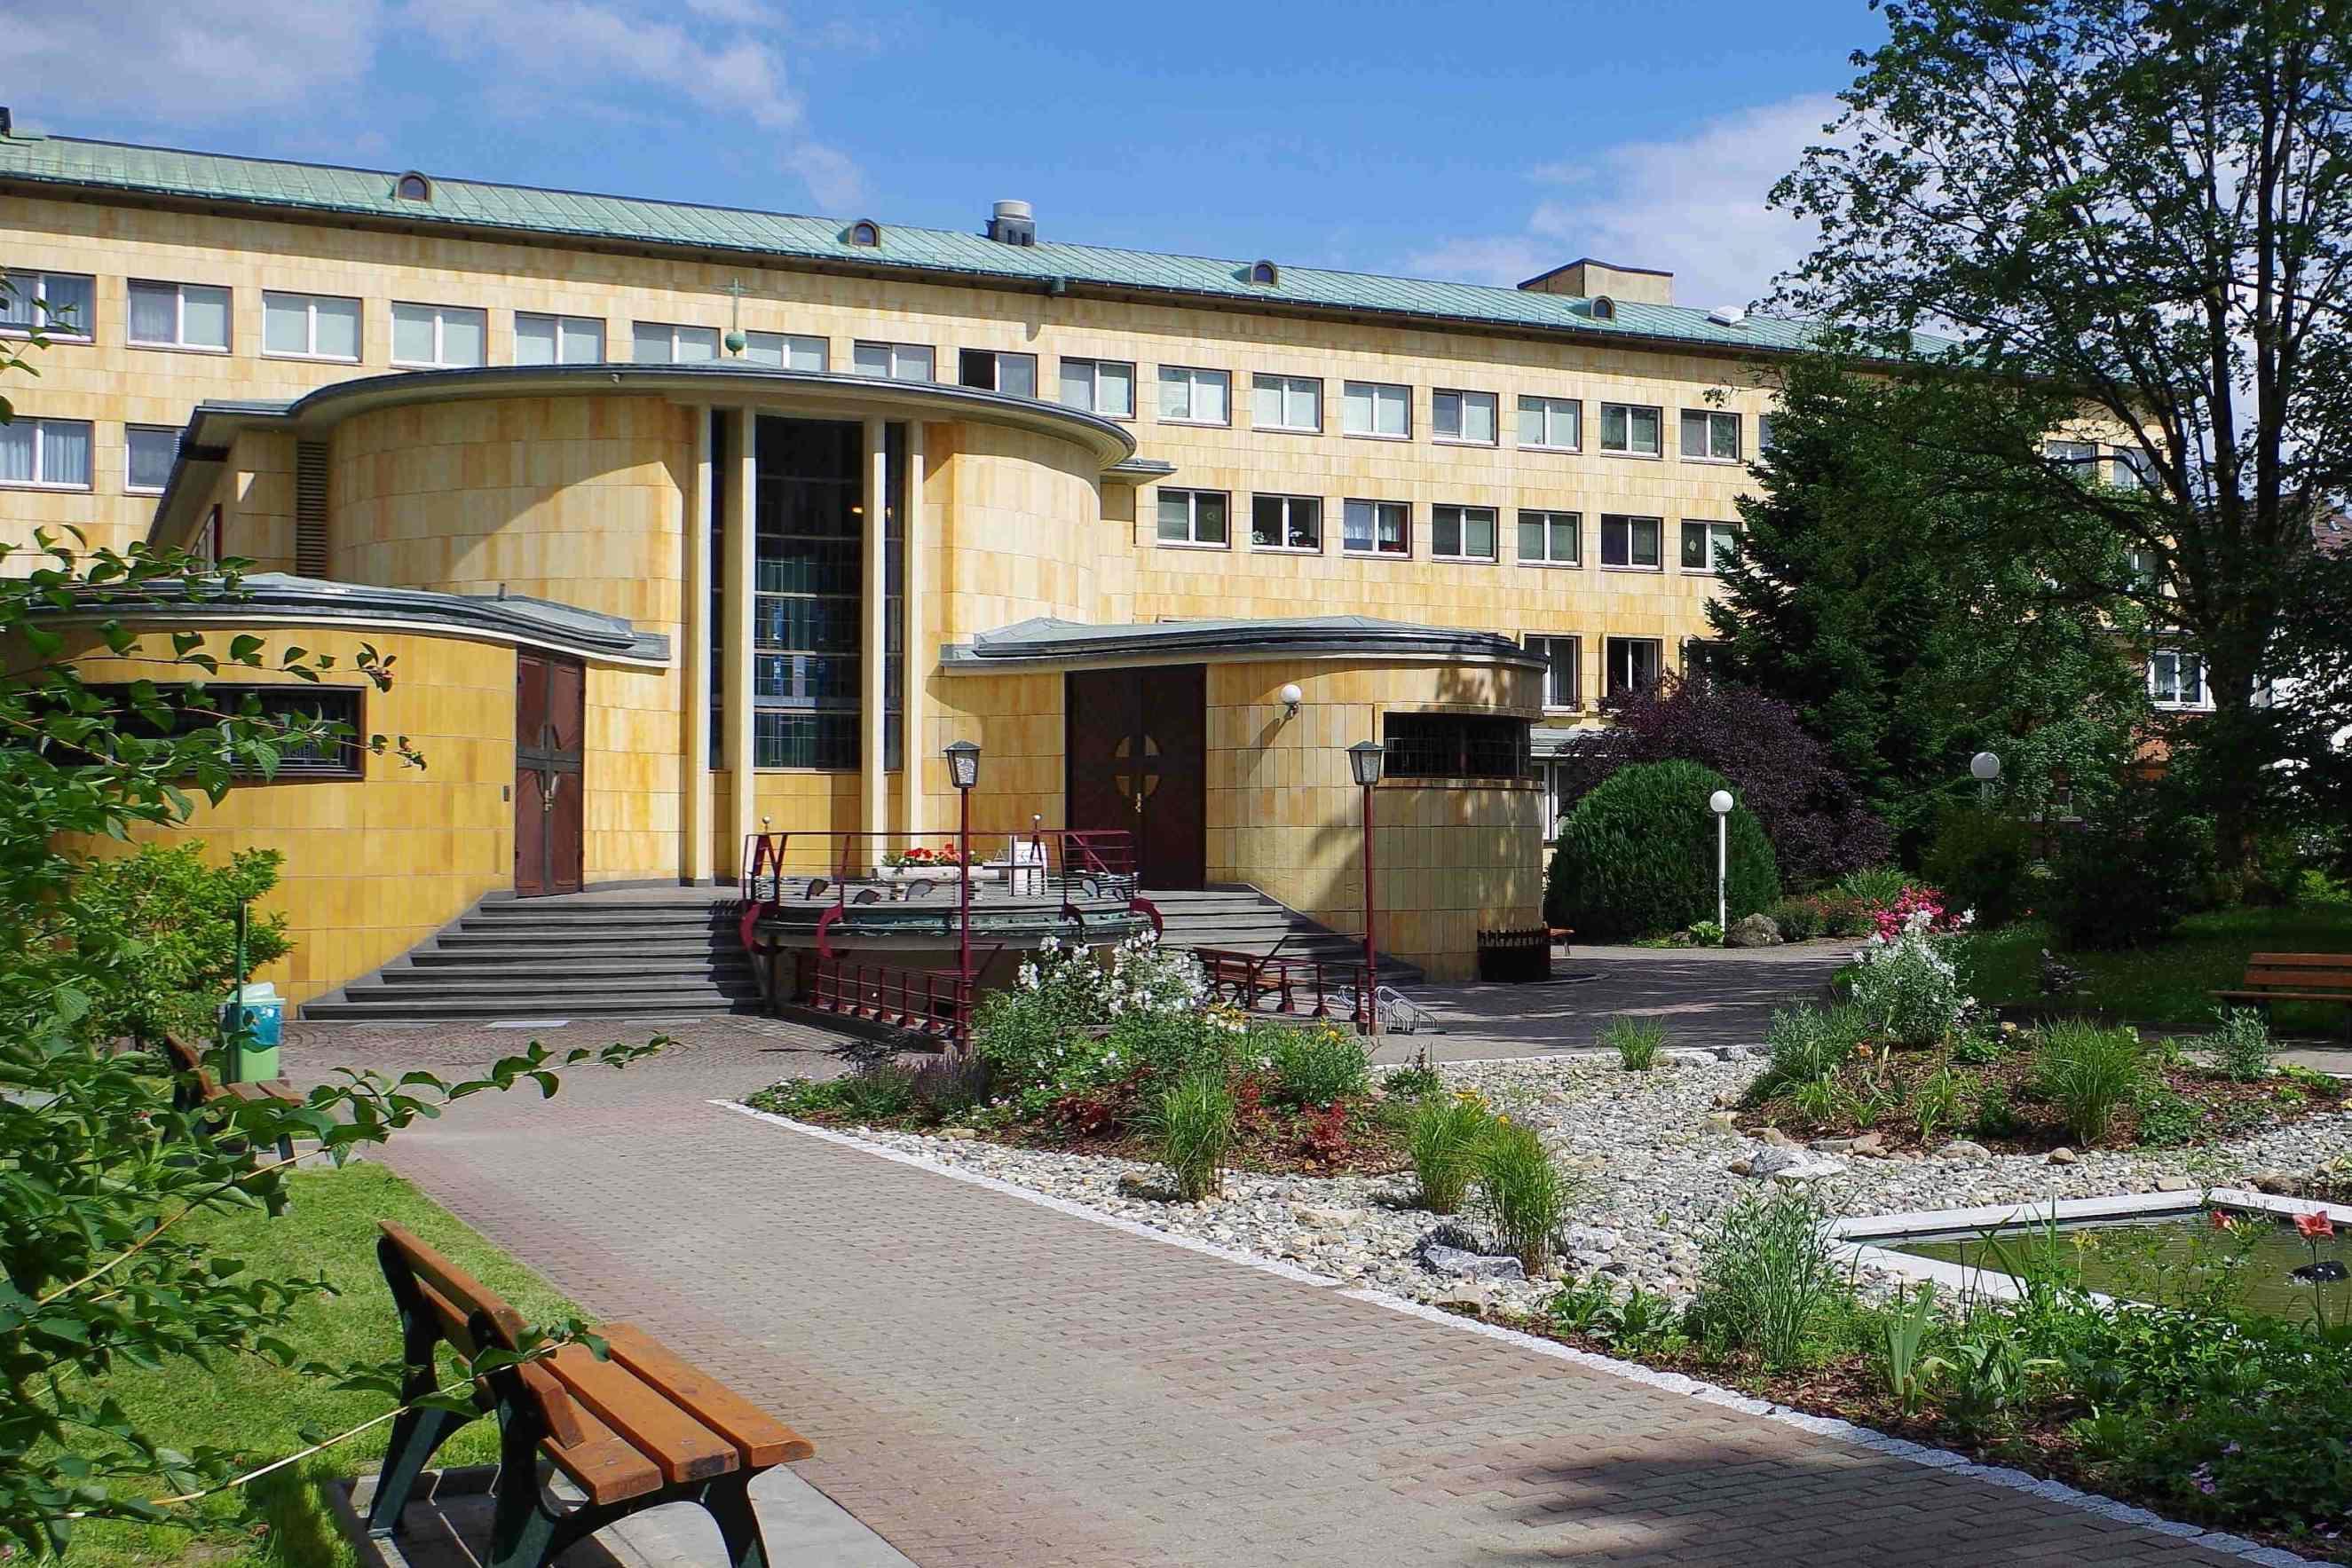 Gästehaus Tanne in Elbingerode - Kirchsaaleingang